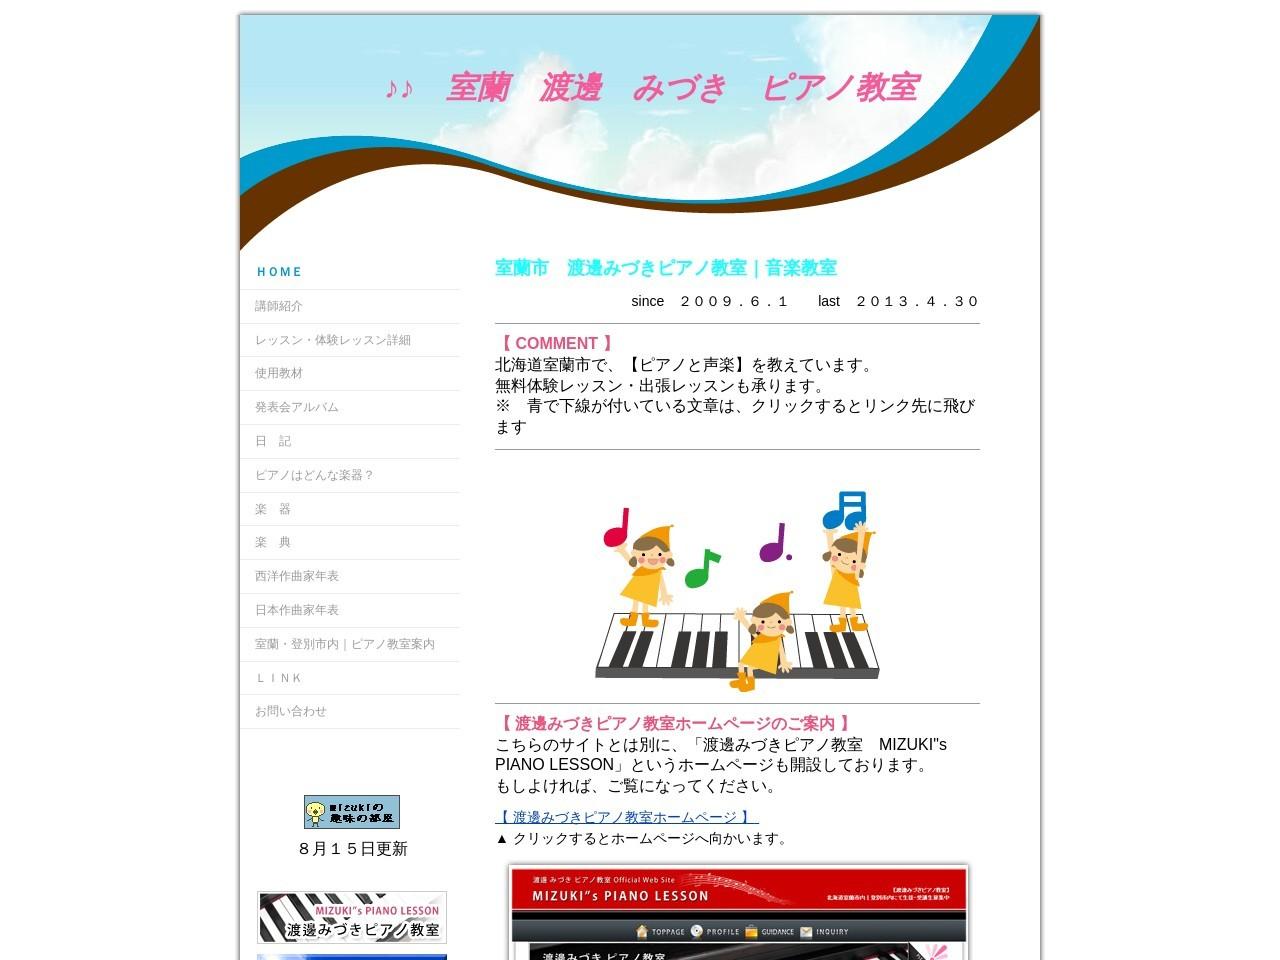 渡邊みづきピアノ教室のサムネイル